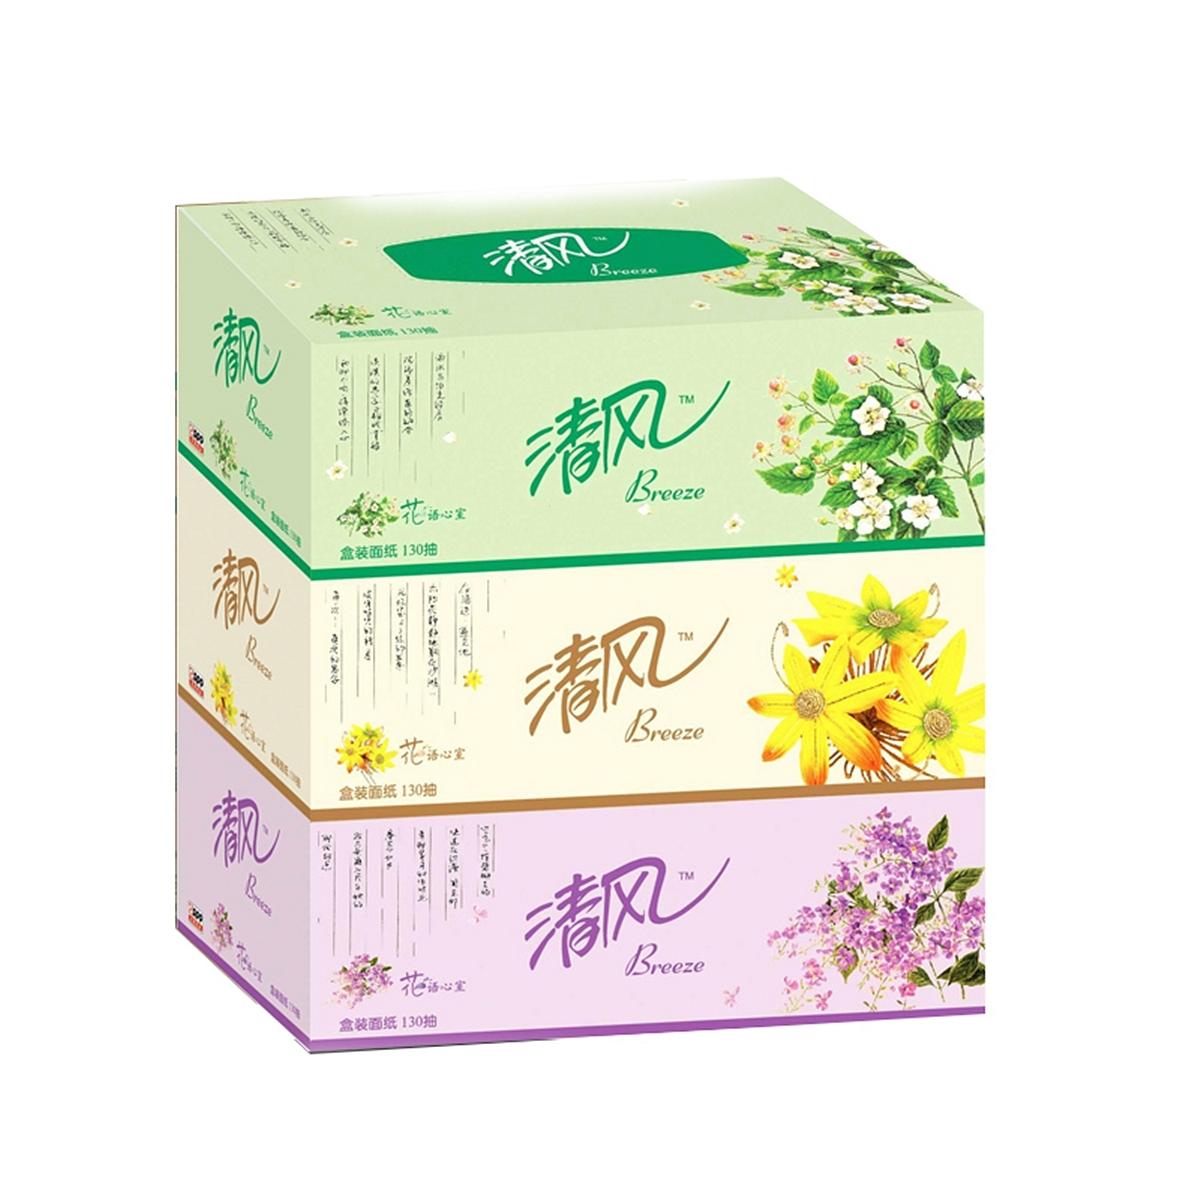 清风B333B 130抽盒装抽纸 盒装抽取式面纸3盒/提x16提/箱(提)